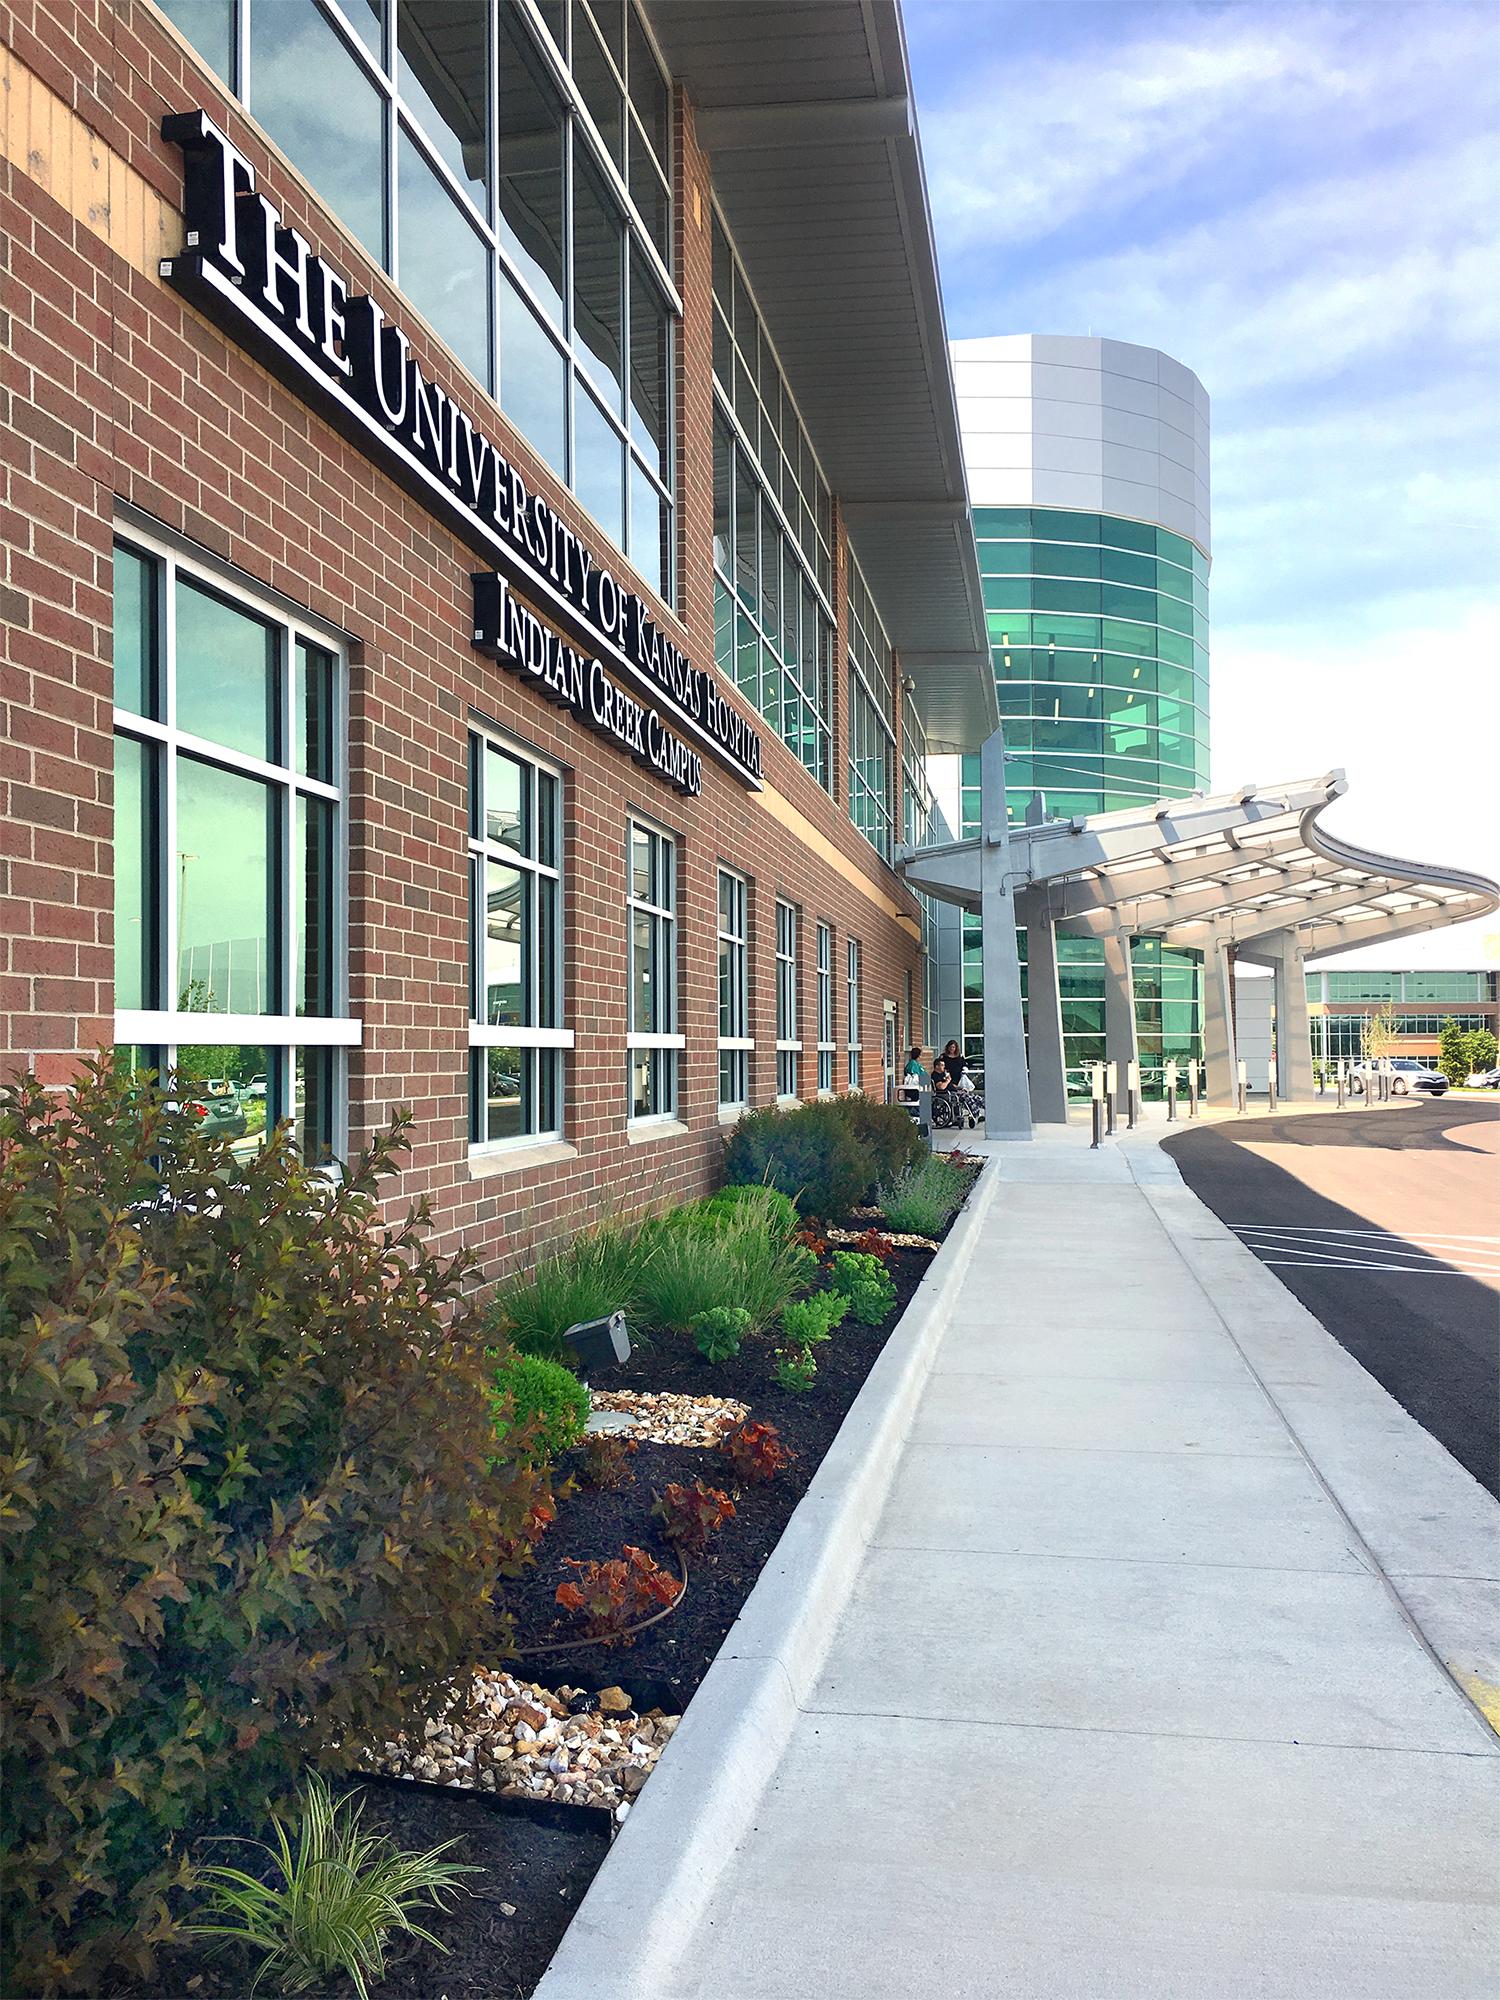 KU Indian Creek Campus